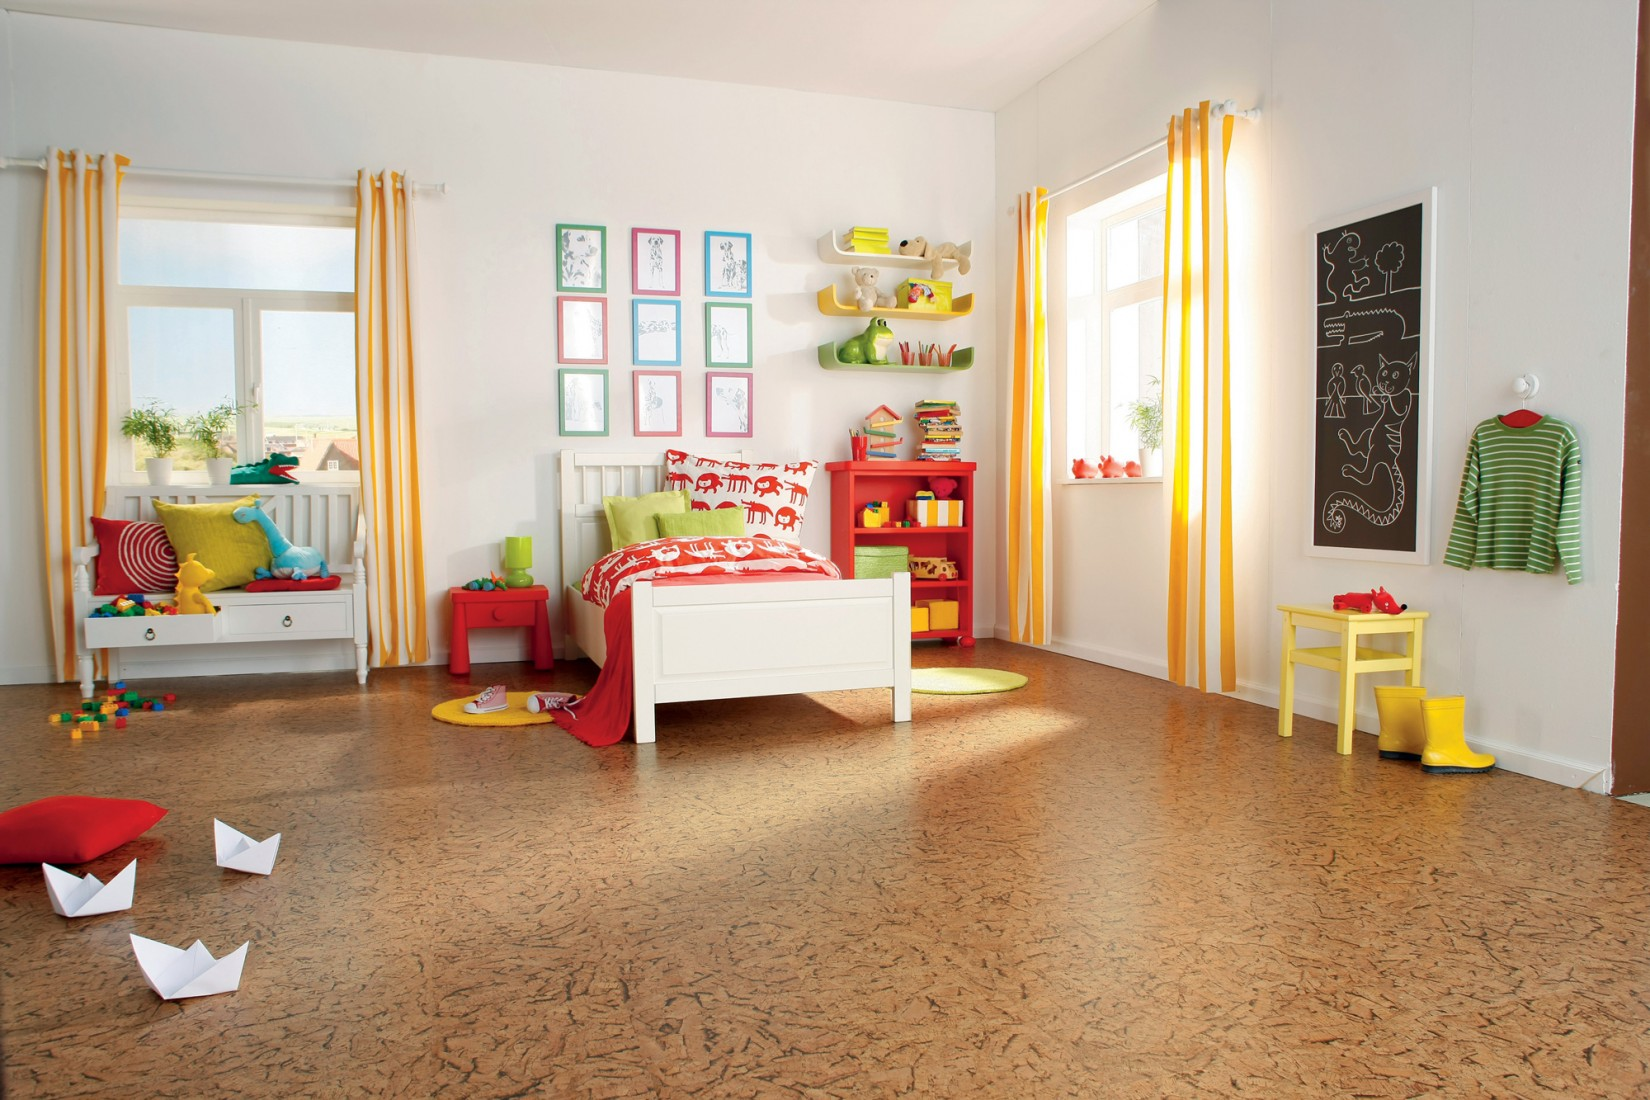 Fußboden Dämmen Kork ~ Baustoff kork: vom bodenbelag bis zum dämmstoff u203a boden und wand